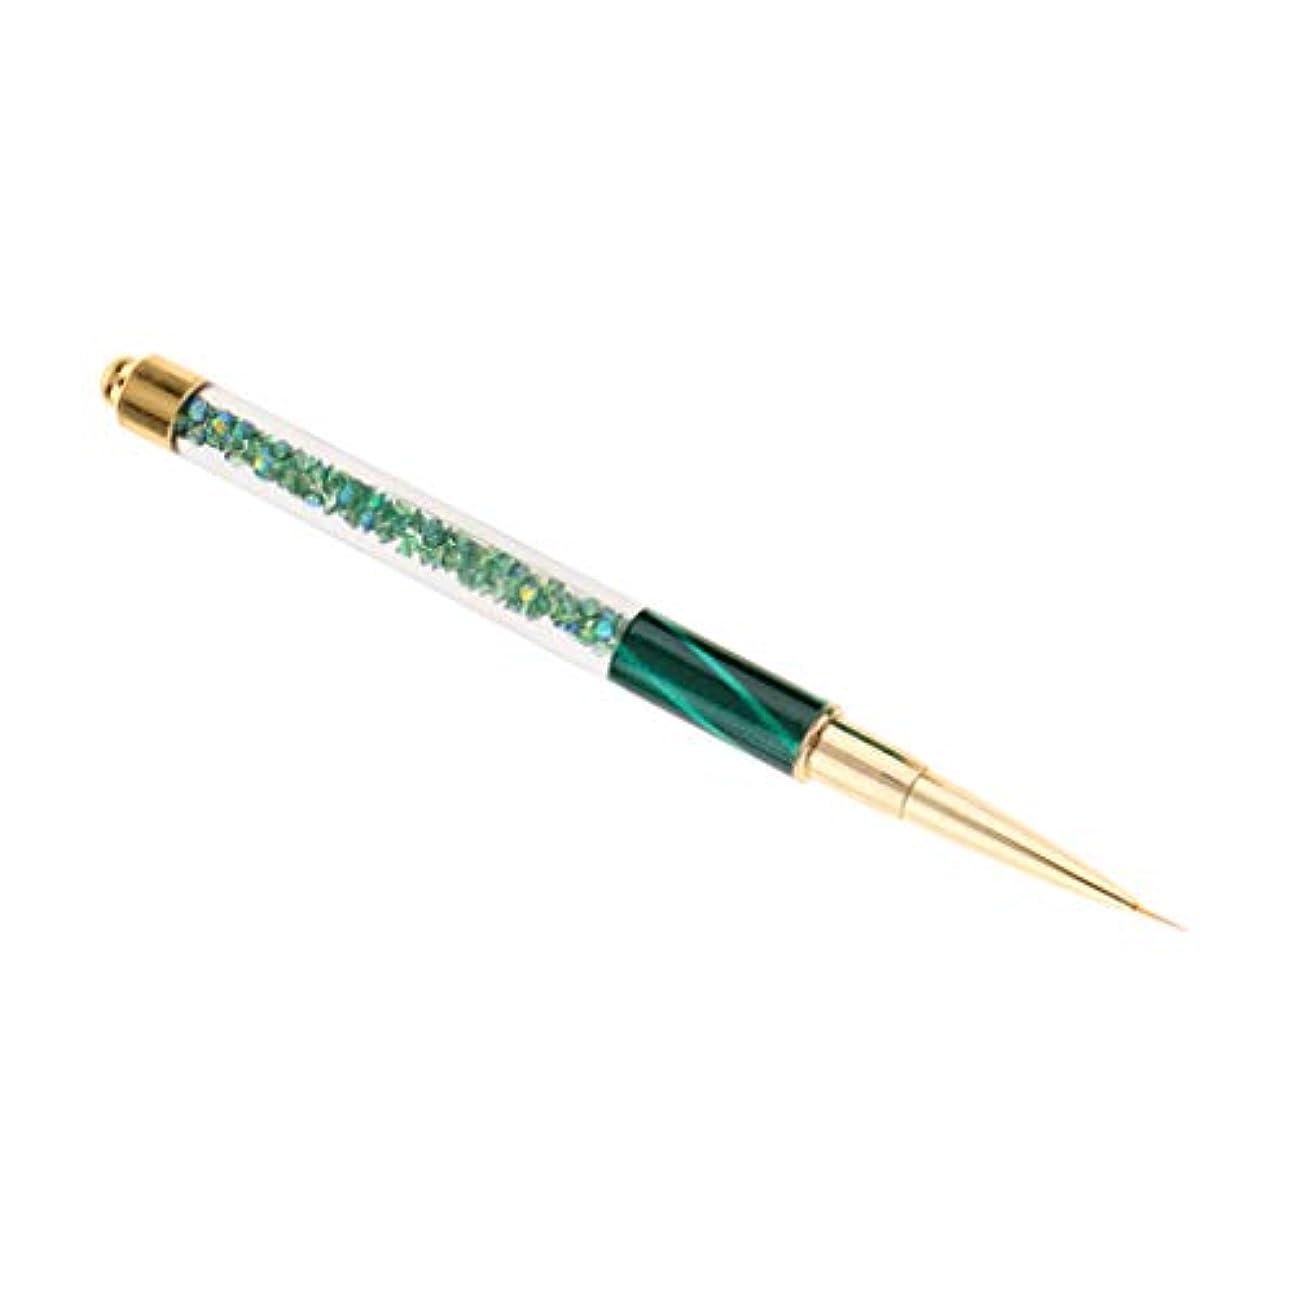 自体子豚固執プロのネイルアートブラシUVジェルポリッシュドローライナーペインティングデザインペン - 濃い緑色